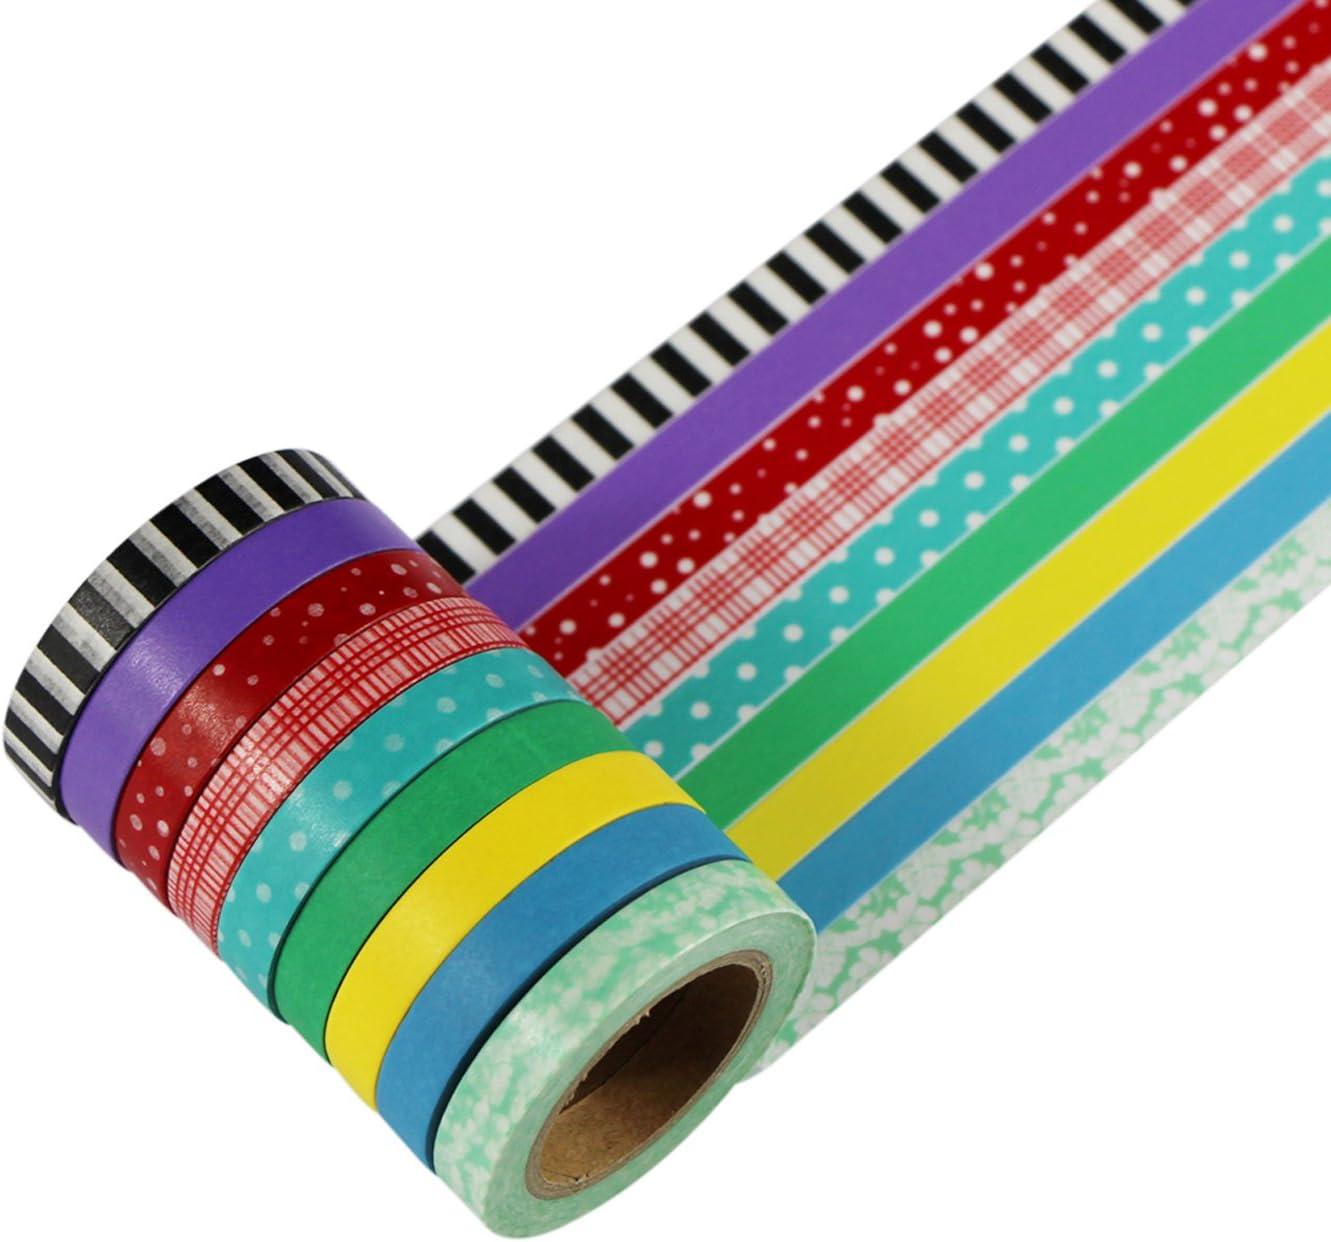 UOOOM 9 Ruban adh/ésif Washi Tape Ruban adh/ésif de masquage d/écoratif scrapbooking cadeau DIY Craft